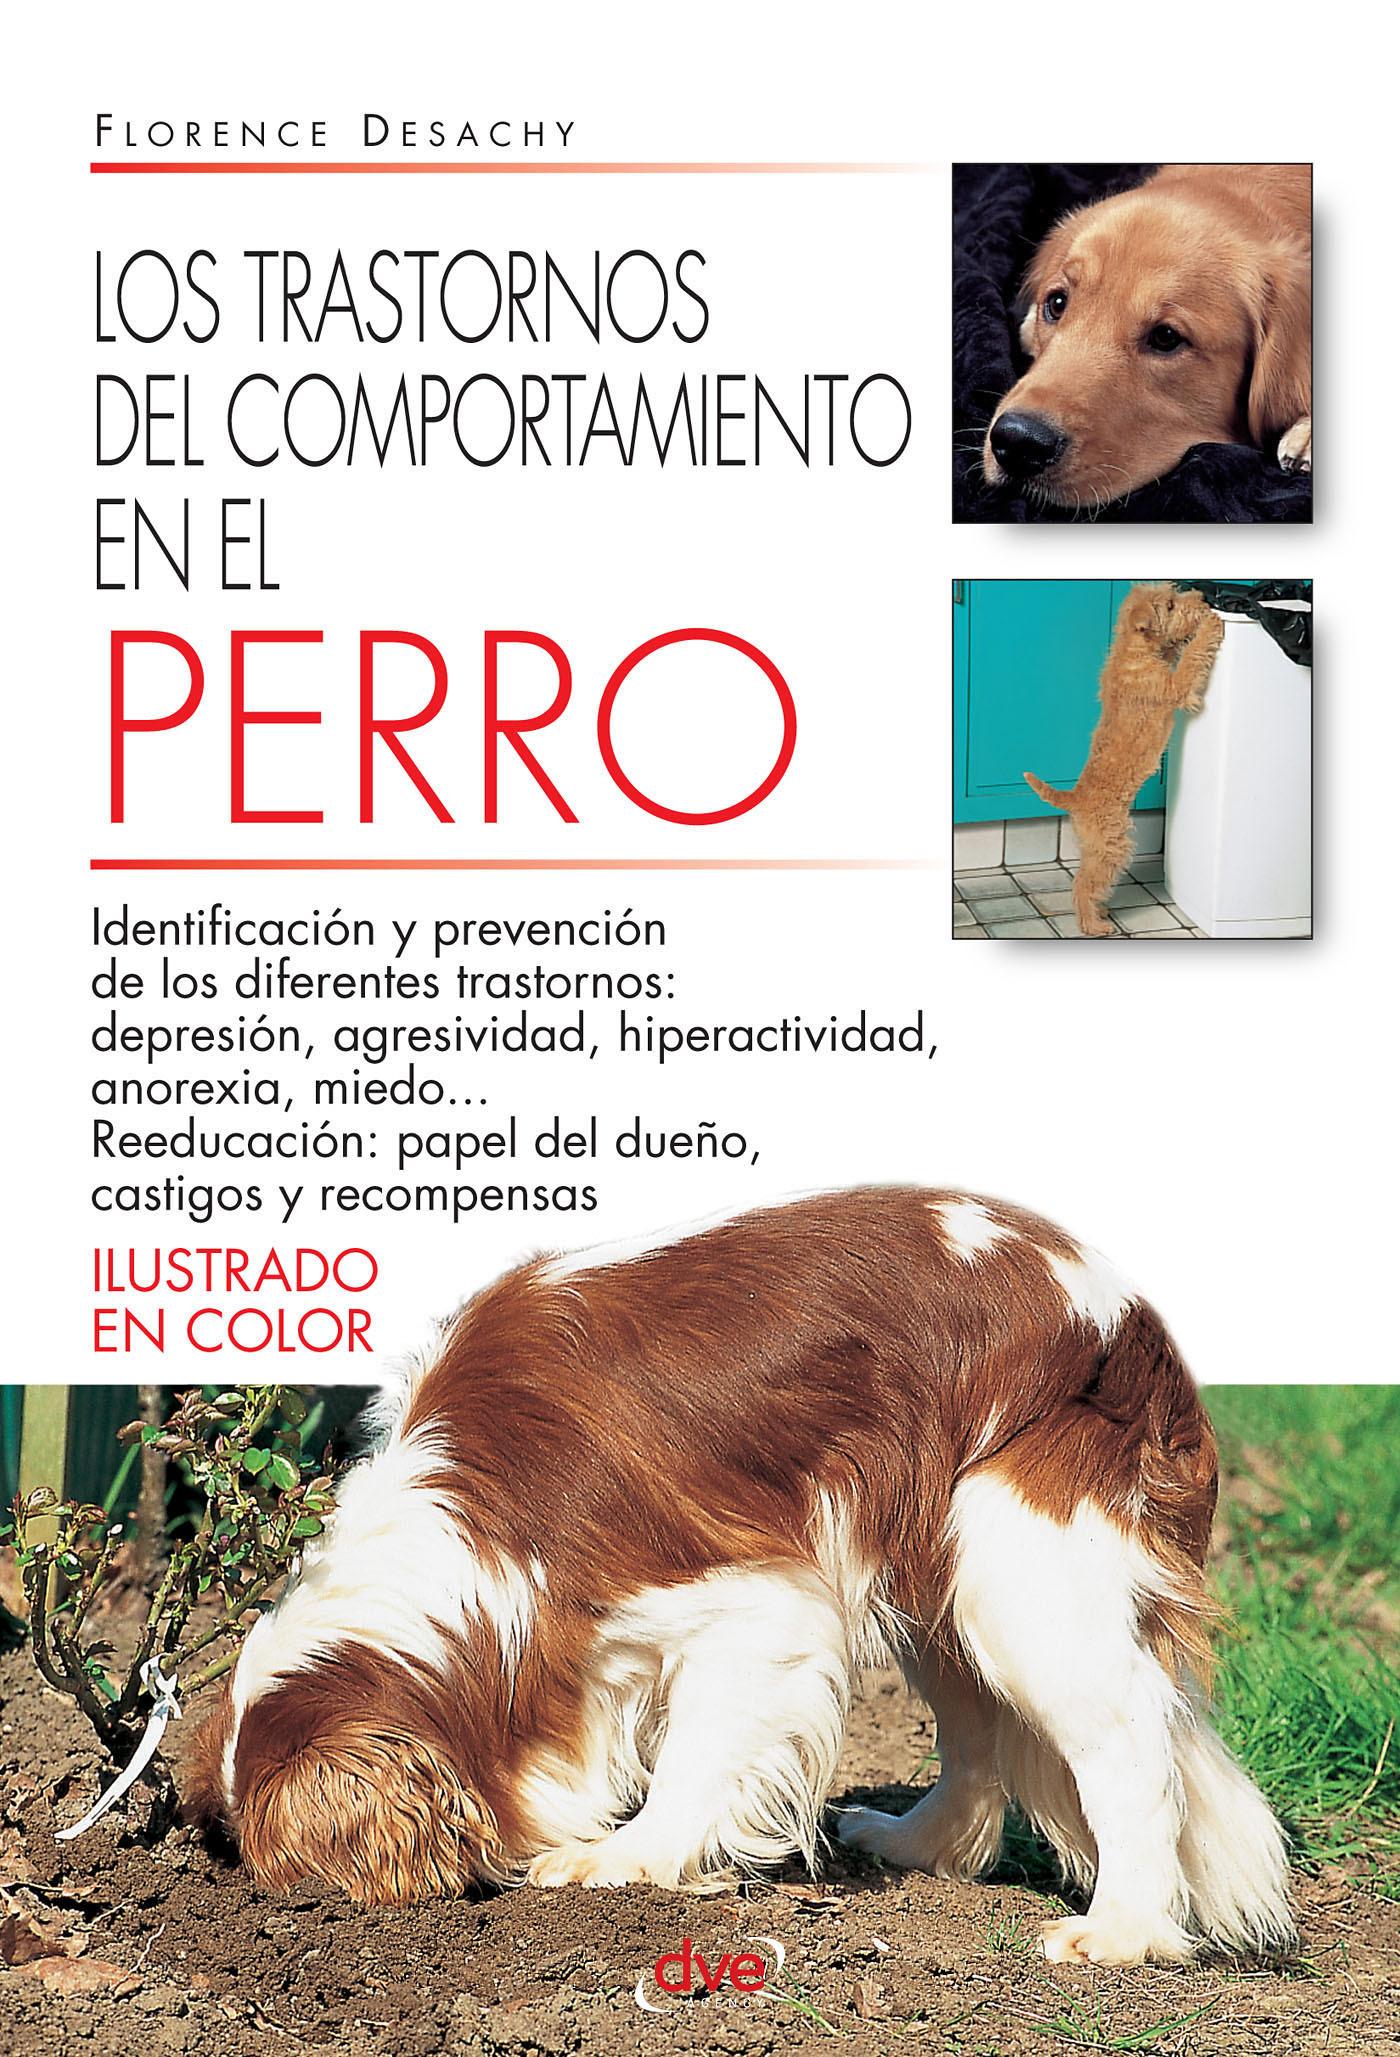 Desachy, Florence - Los trastornos del comportamiento en el perro, ebook